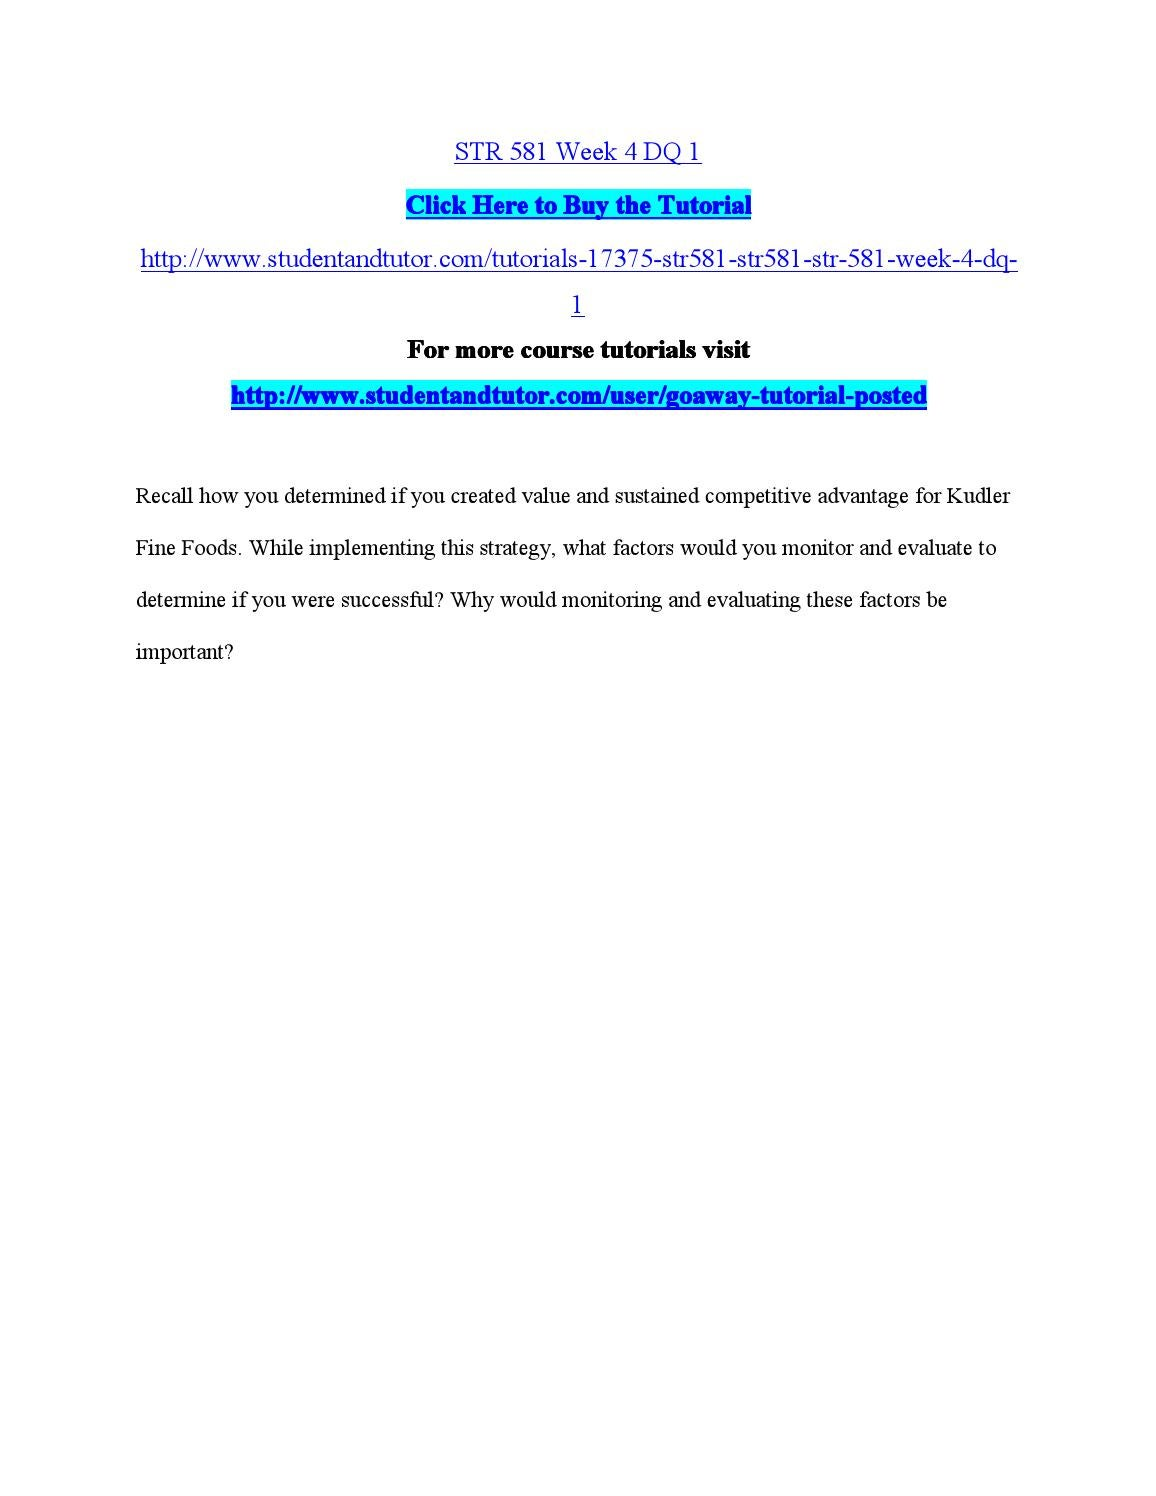 edd 581 week 5 dq 1 Snaptutorial is a online tutorial store we provides str 581 week 2 dq 1.